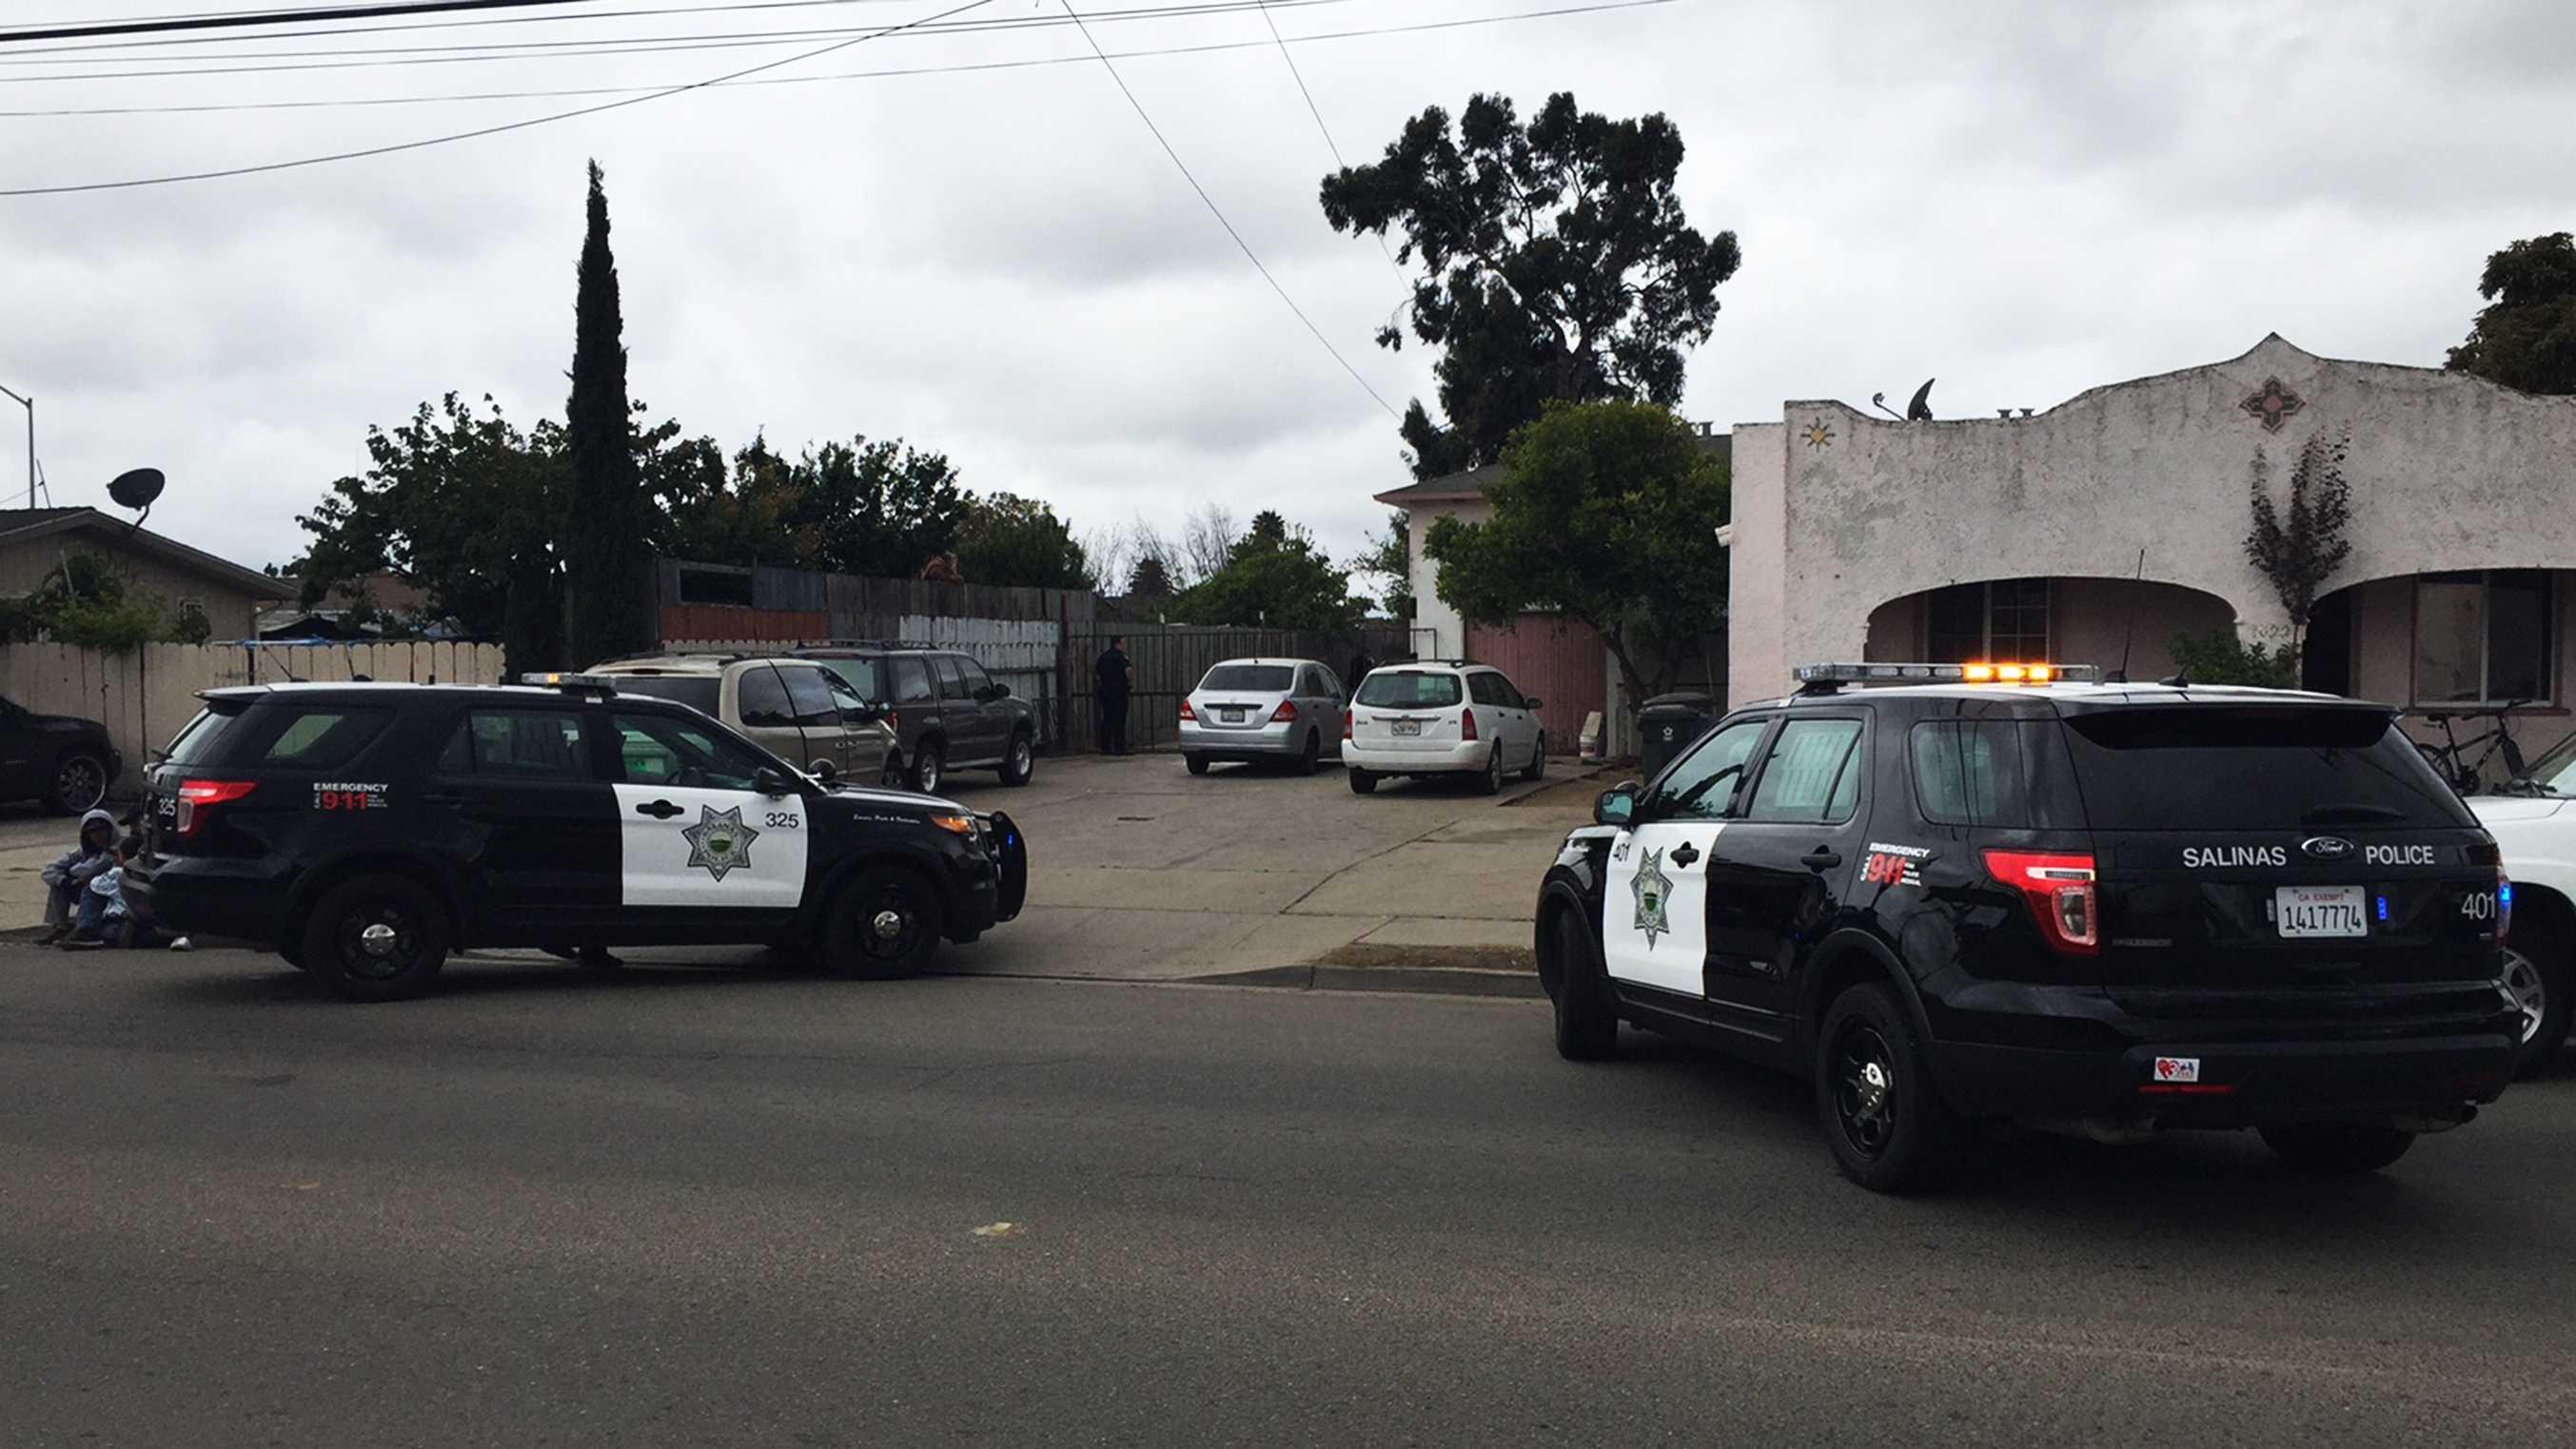 Salinas (May 19, 2015)